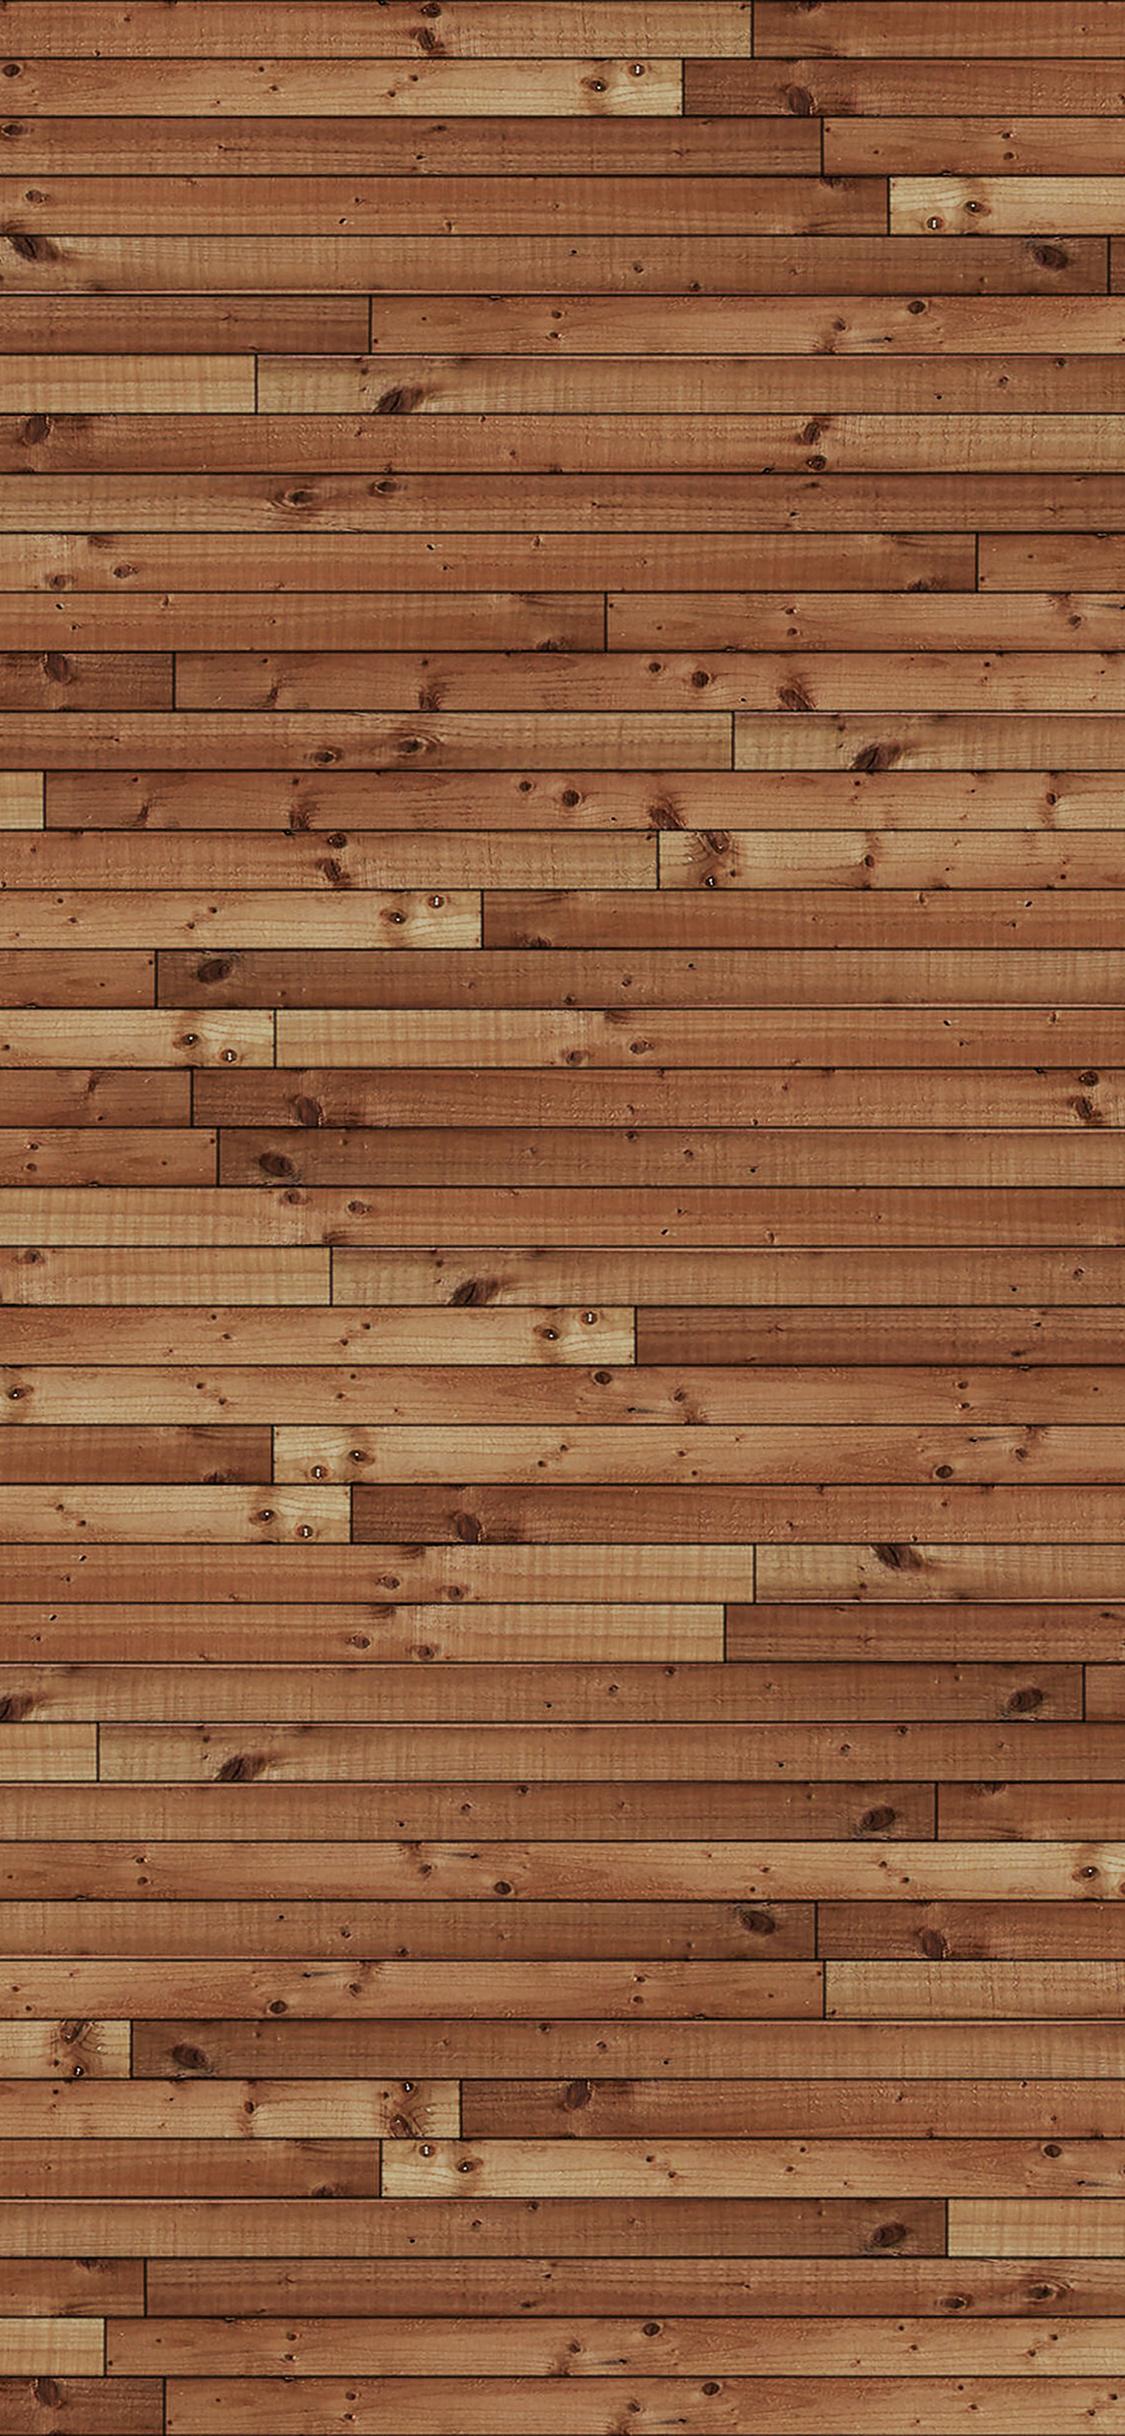 iPhoneXpapers.com-Apple-iPhone-wallpaper-va98-wallpaper-wood-desk-texture